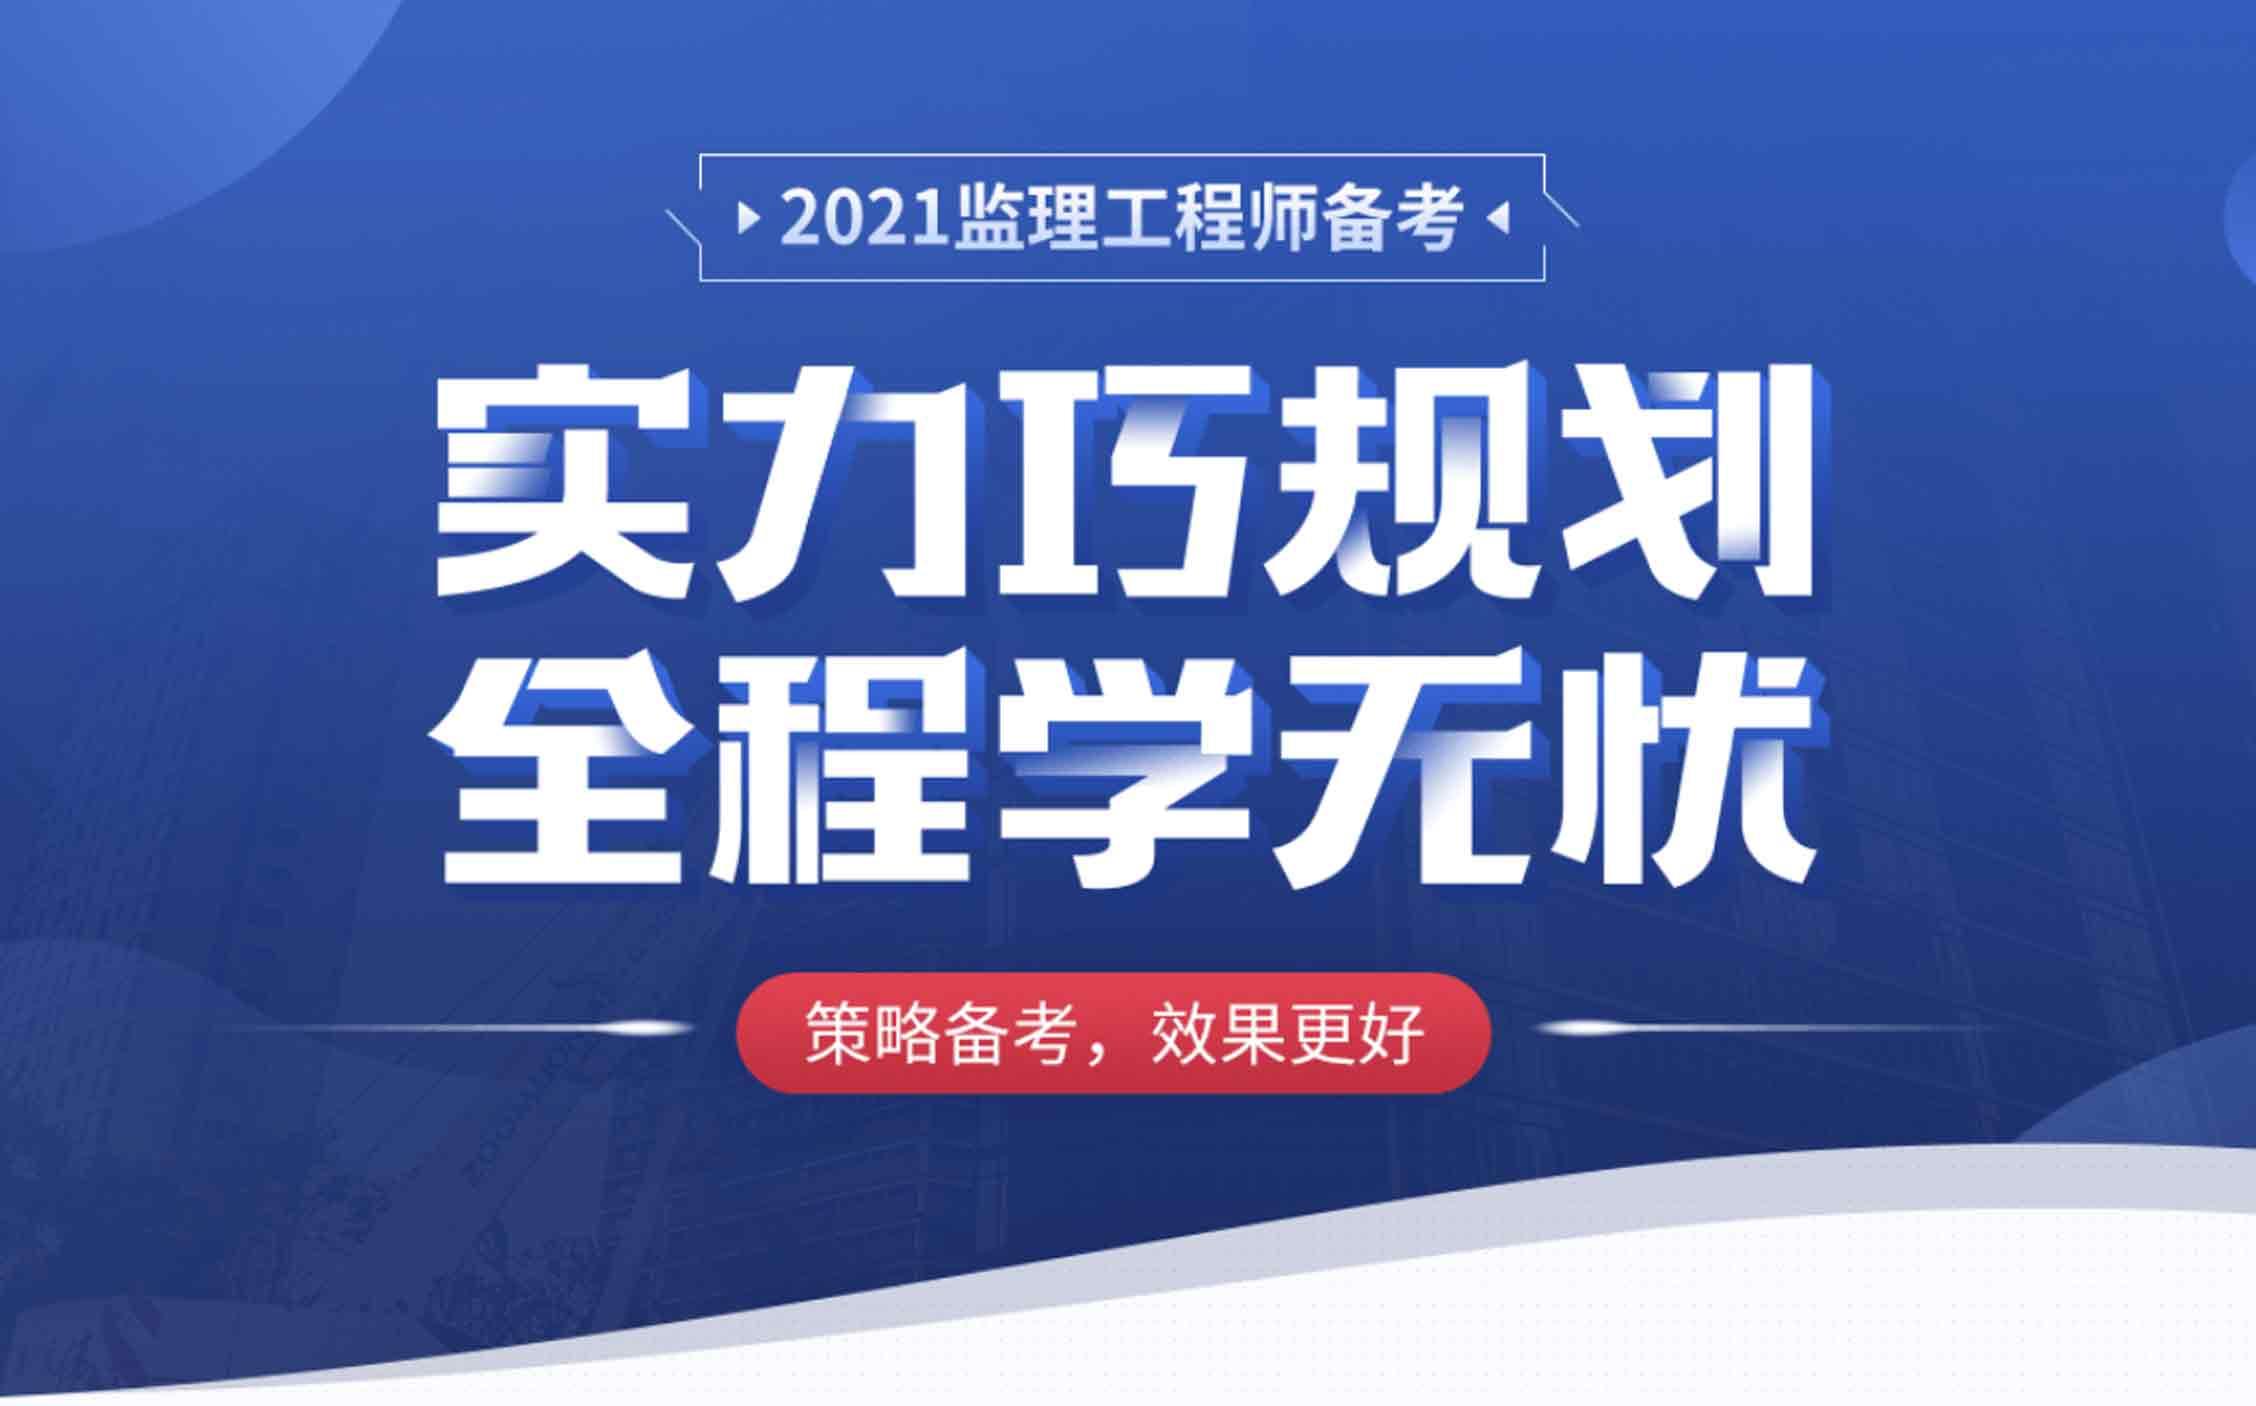 宜春2021監理工程師培訓